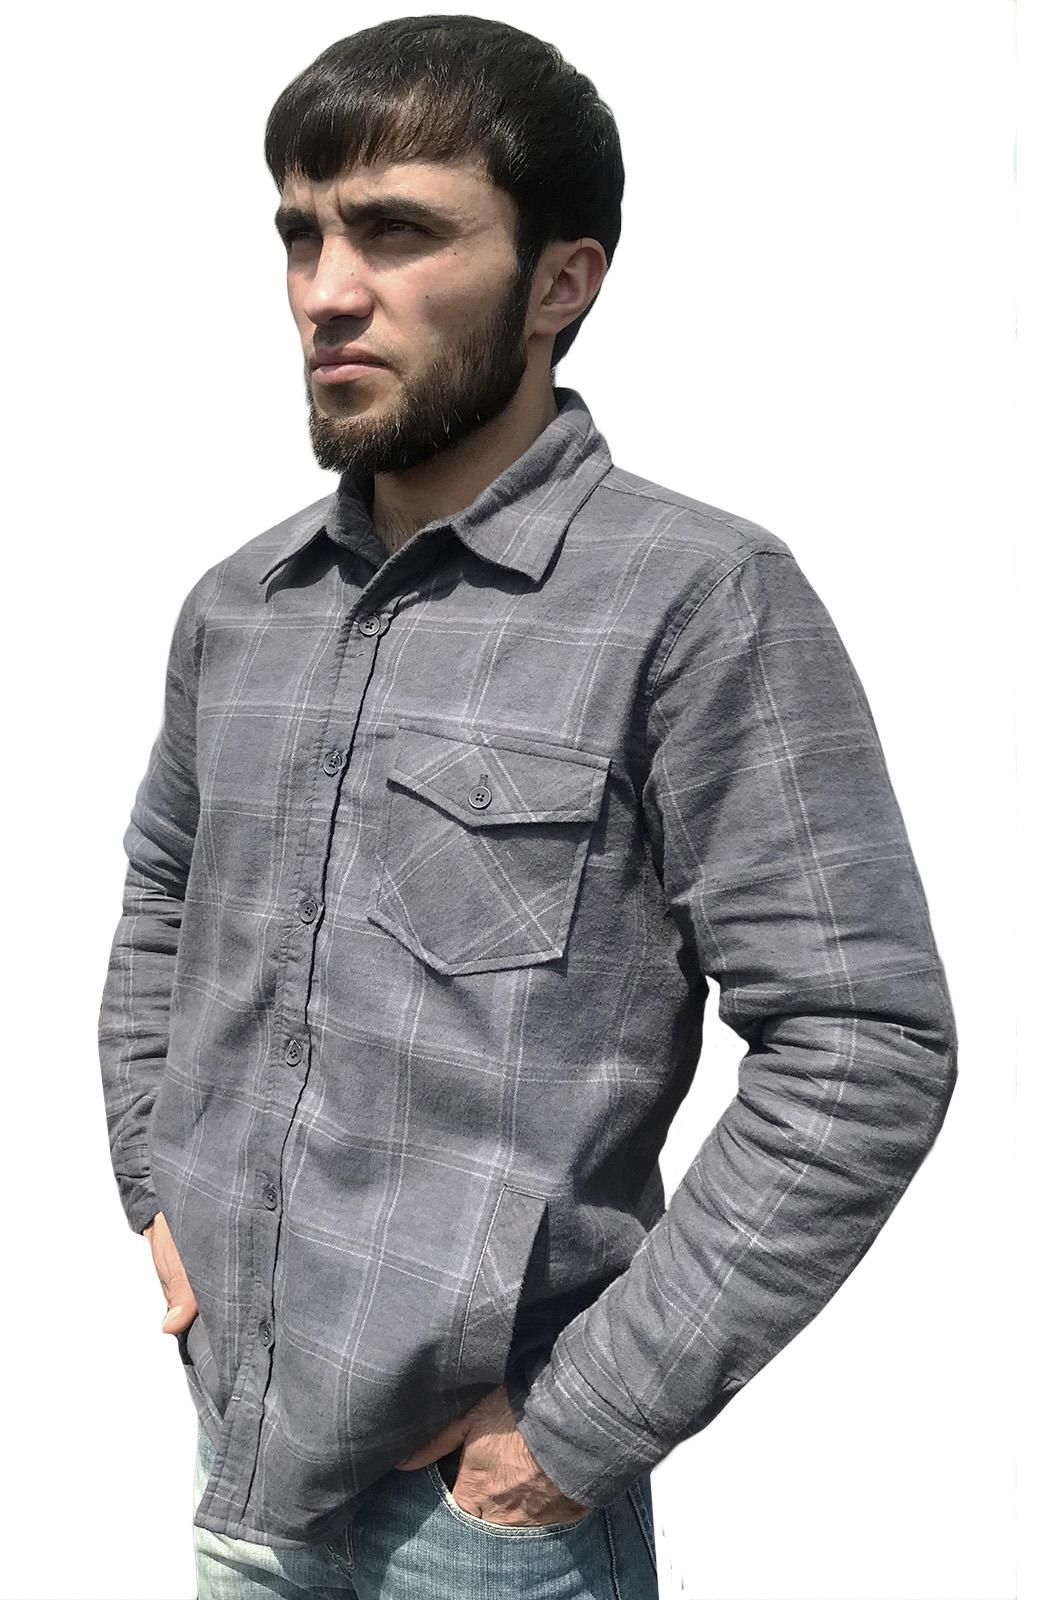 Рубашка пограничника с эмблемой ФСП купить в подарок